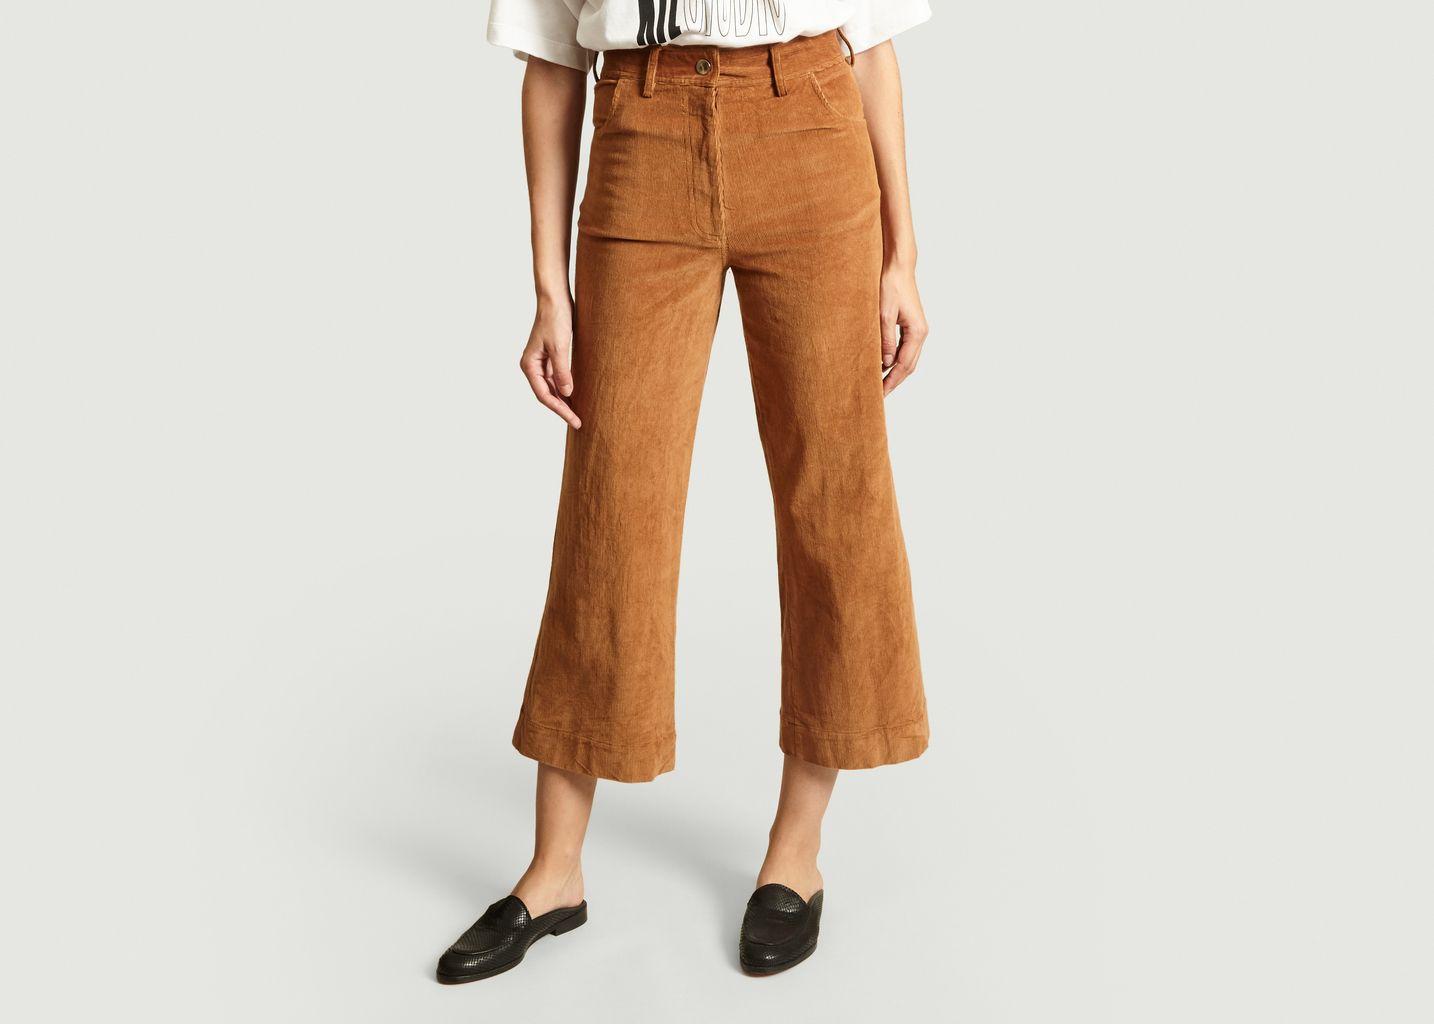 Pantalon 7/8e Flare En Velours Garance - Jolie Jolie